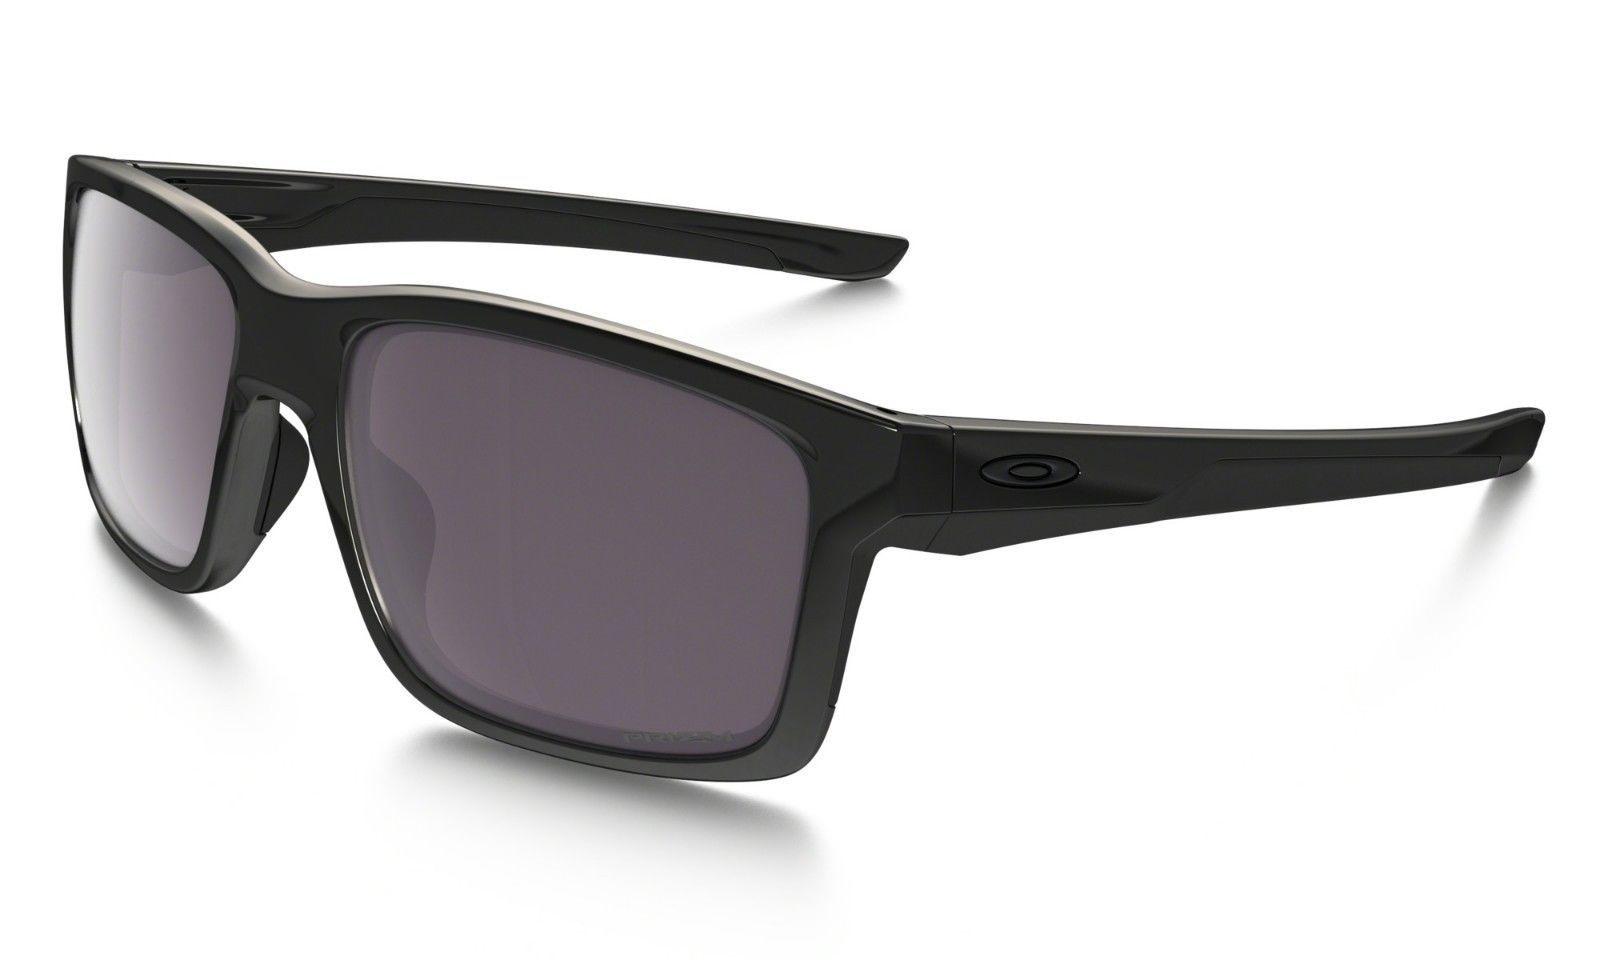 OAKLEY 009264 08 MAINLINK Polished Black /Prizm Daily Polarized Sunglasses